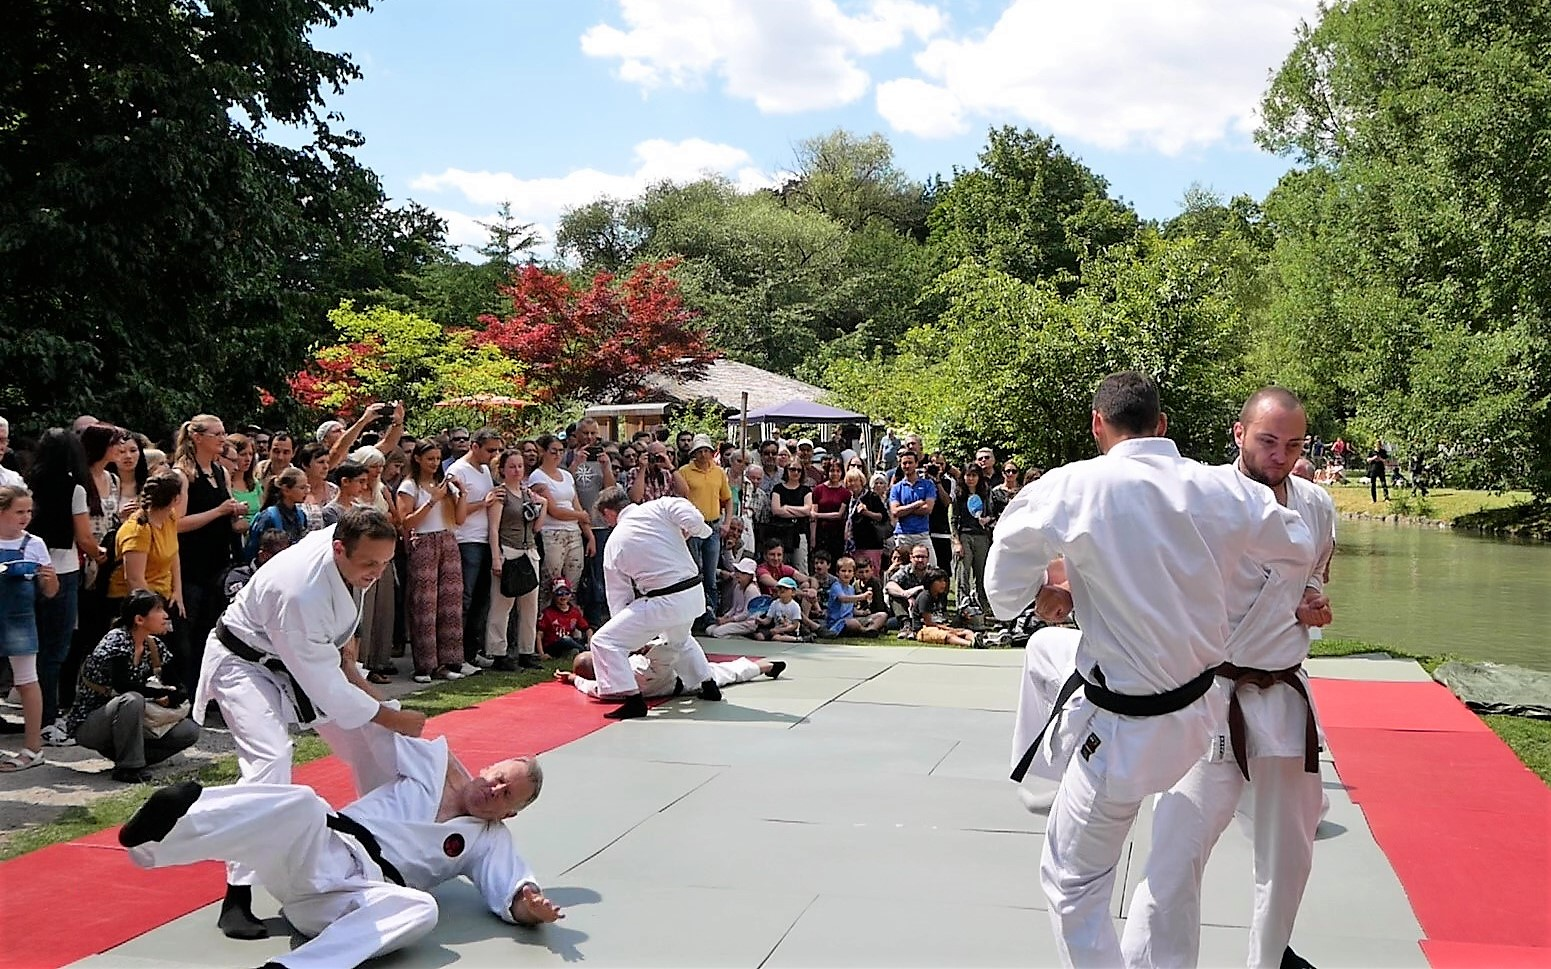 Japanischer Garten München okinawa karate auf japanfest münchen 2018 traditionelles goju ryu